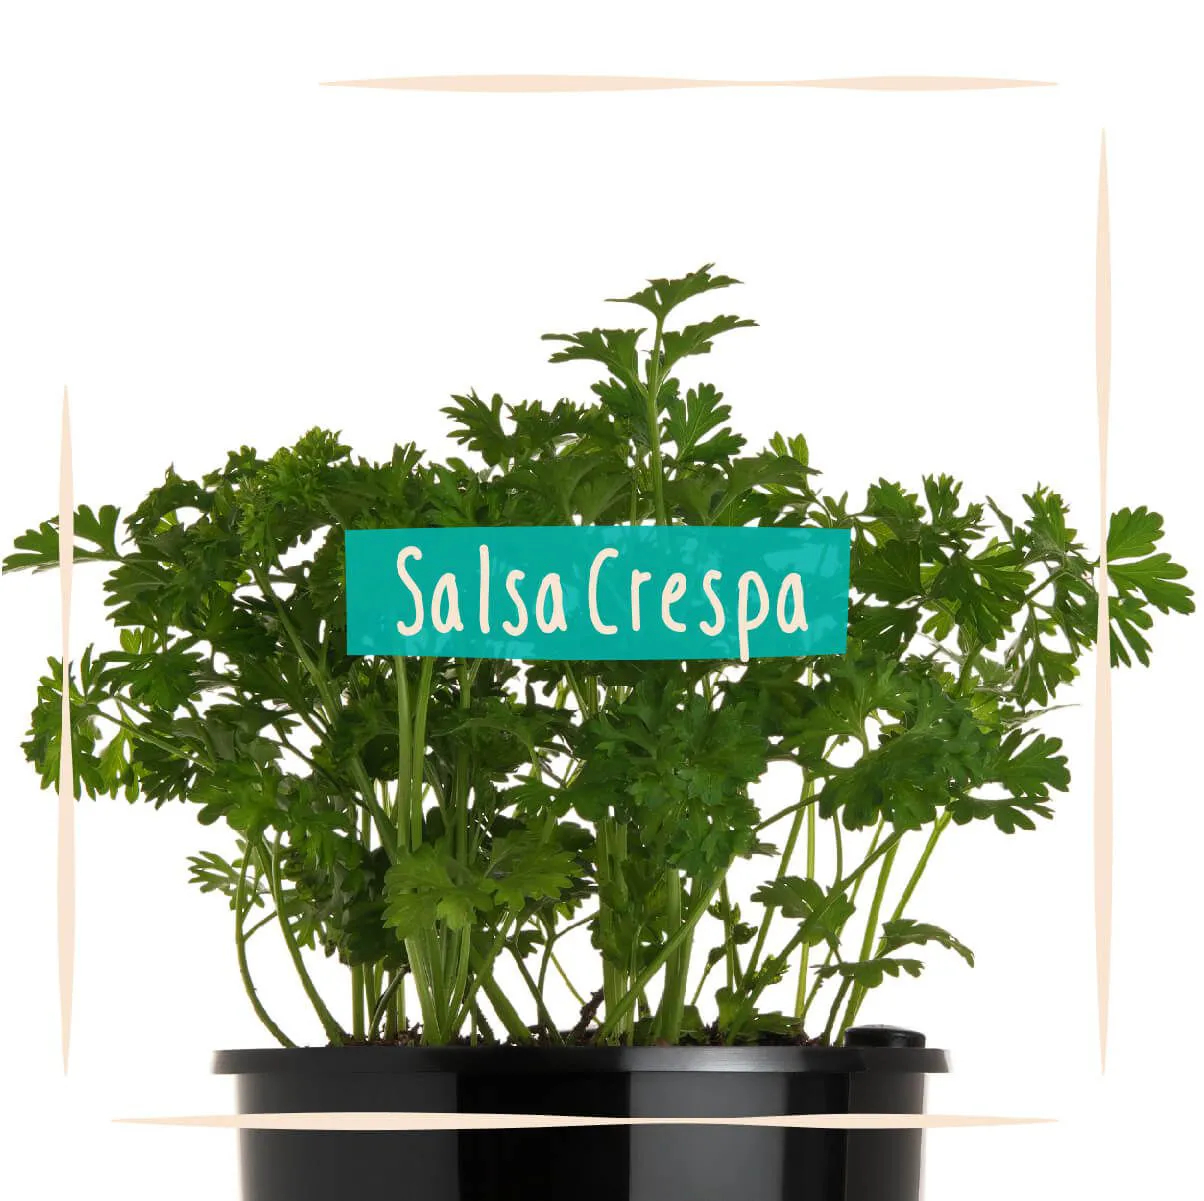 Sementes para plantar Salsa Crespa em vasos autoirrigáveis RAIZ  - Vasos Raiz Loja Oficial